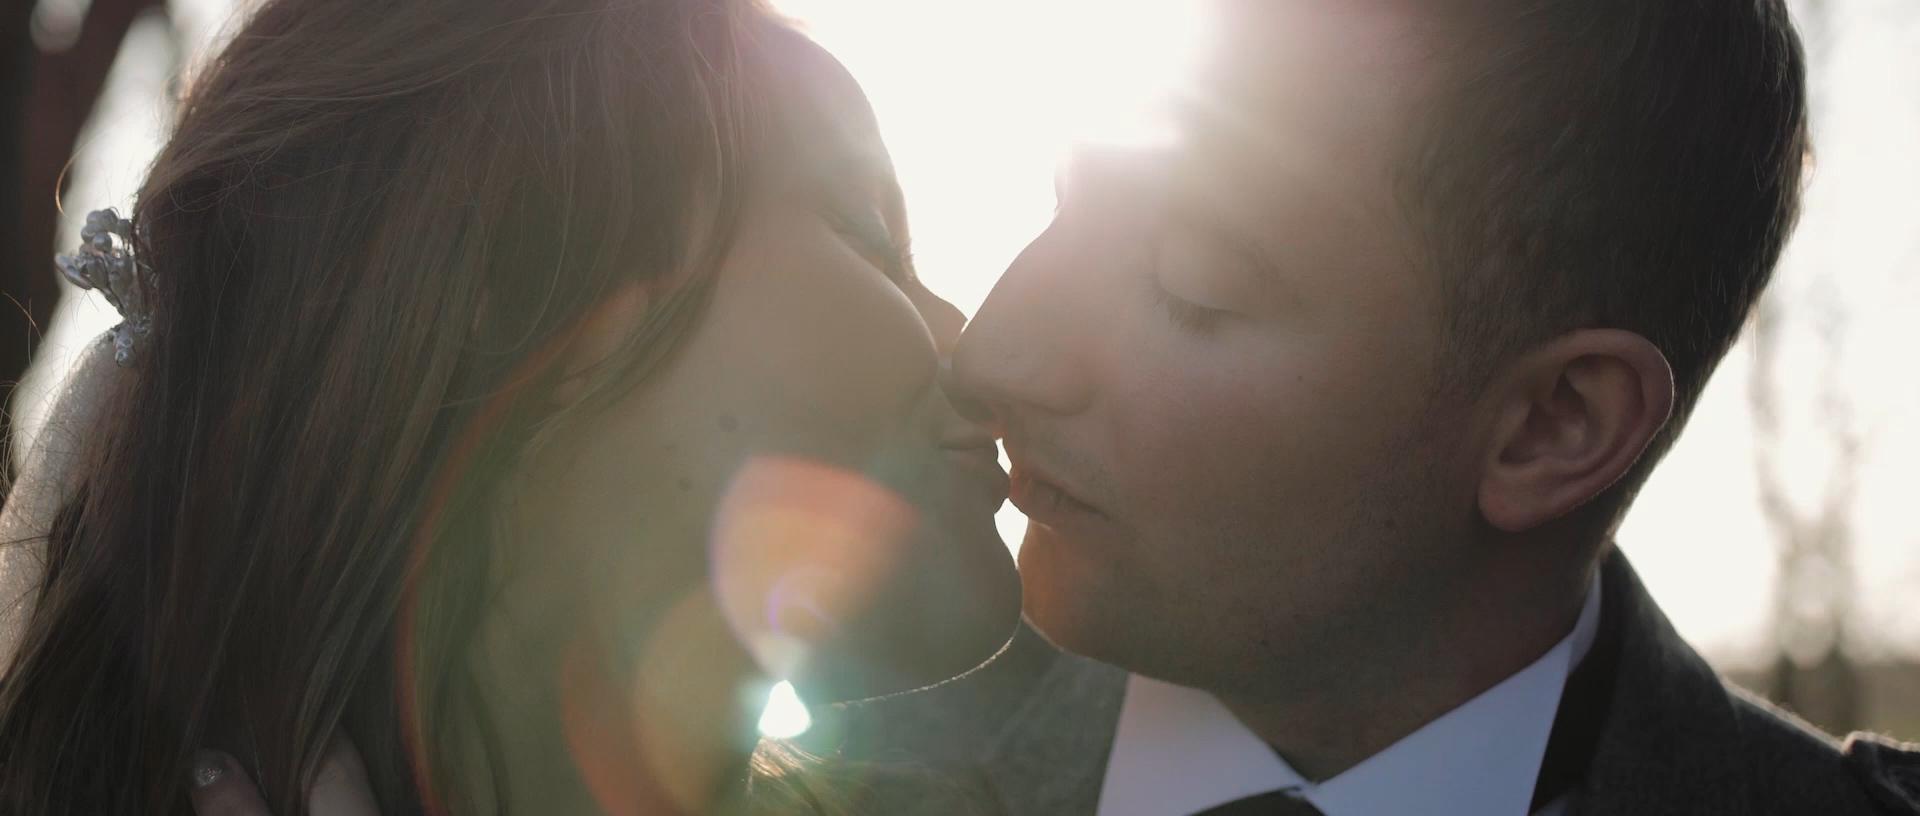 drimsynie-estate-wedding-videographer_LL_03.jpg